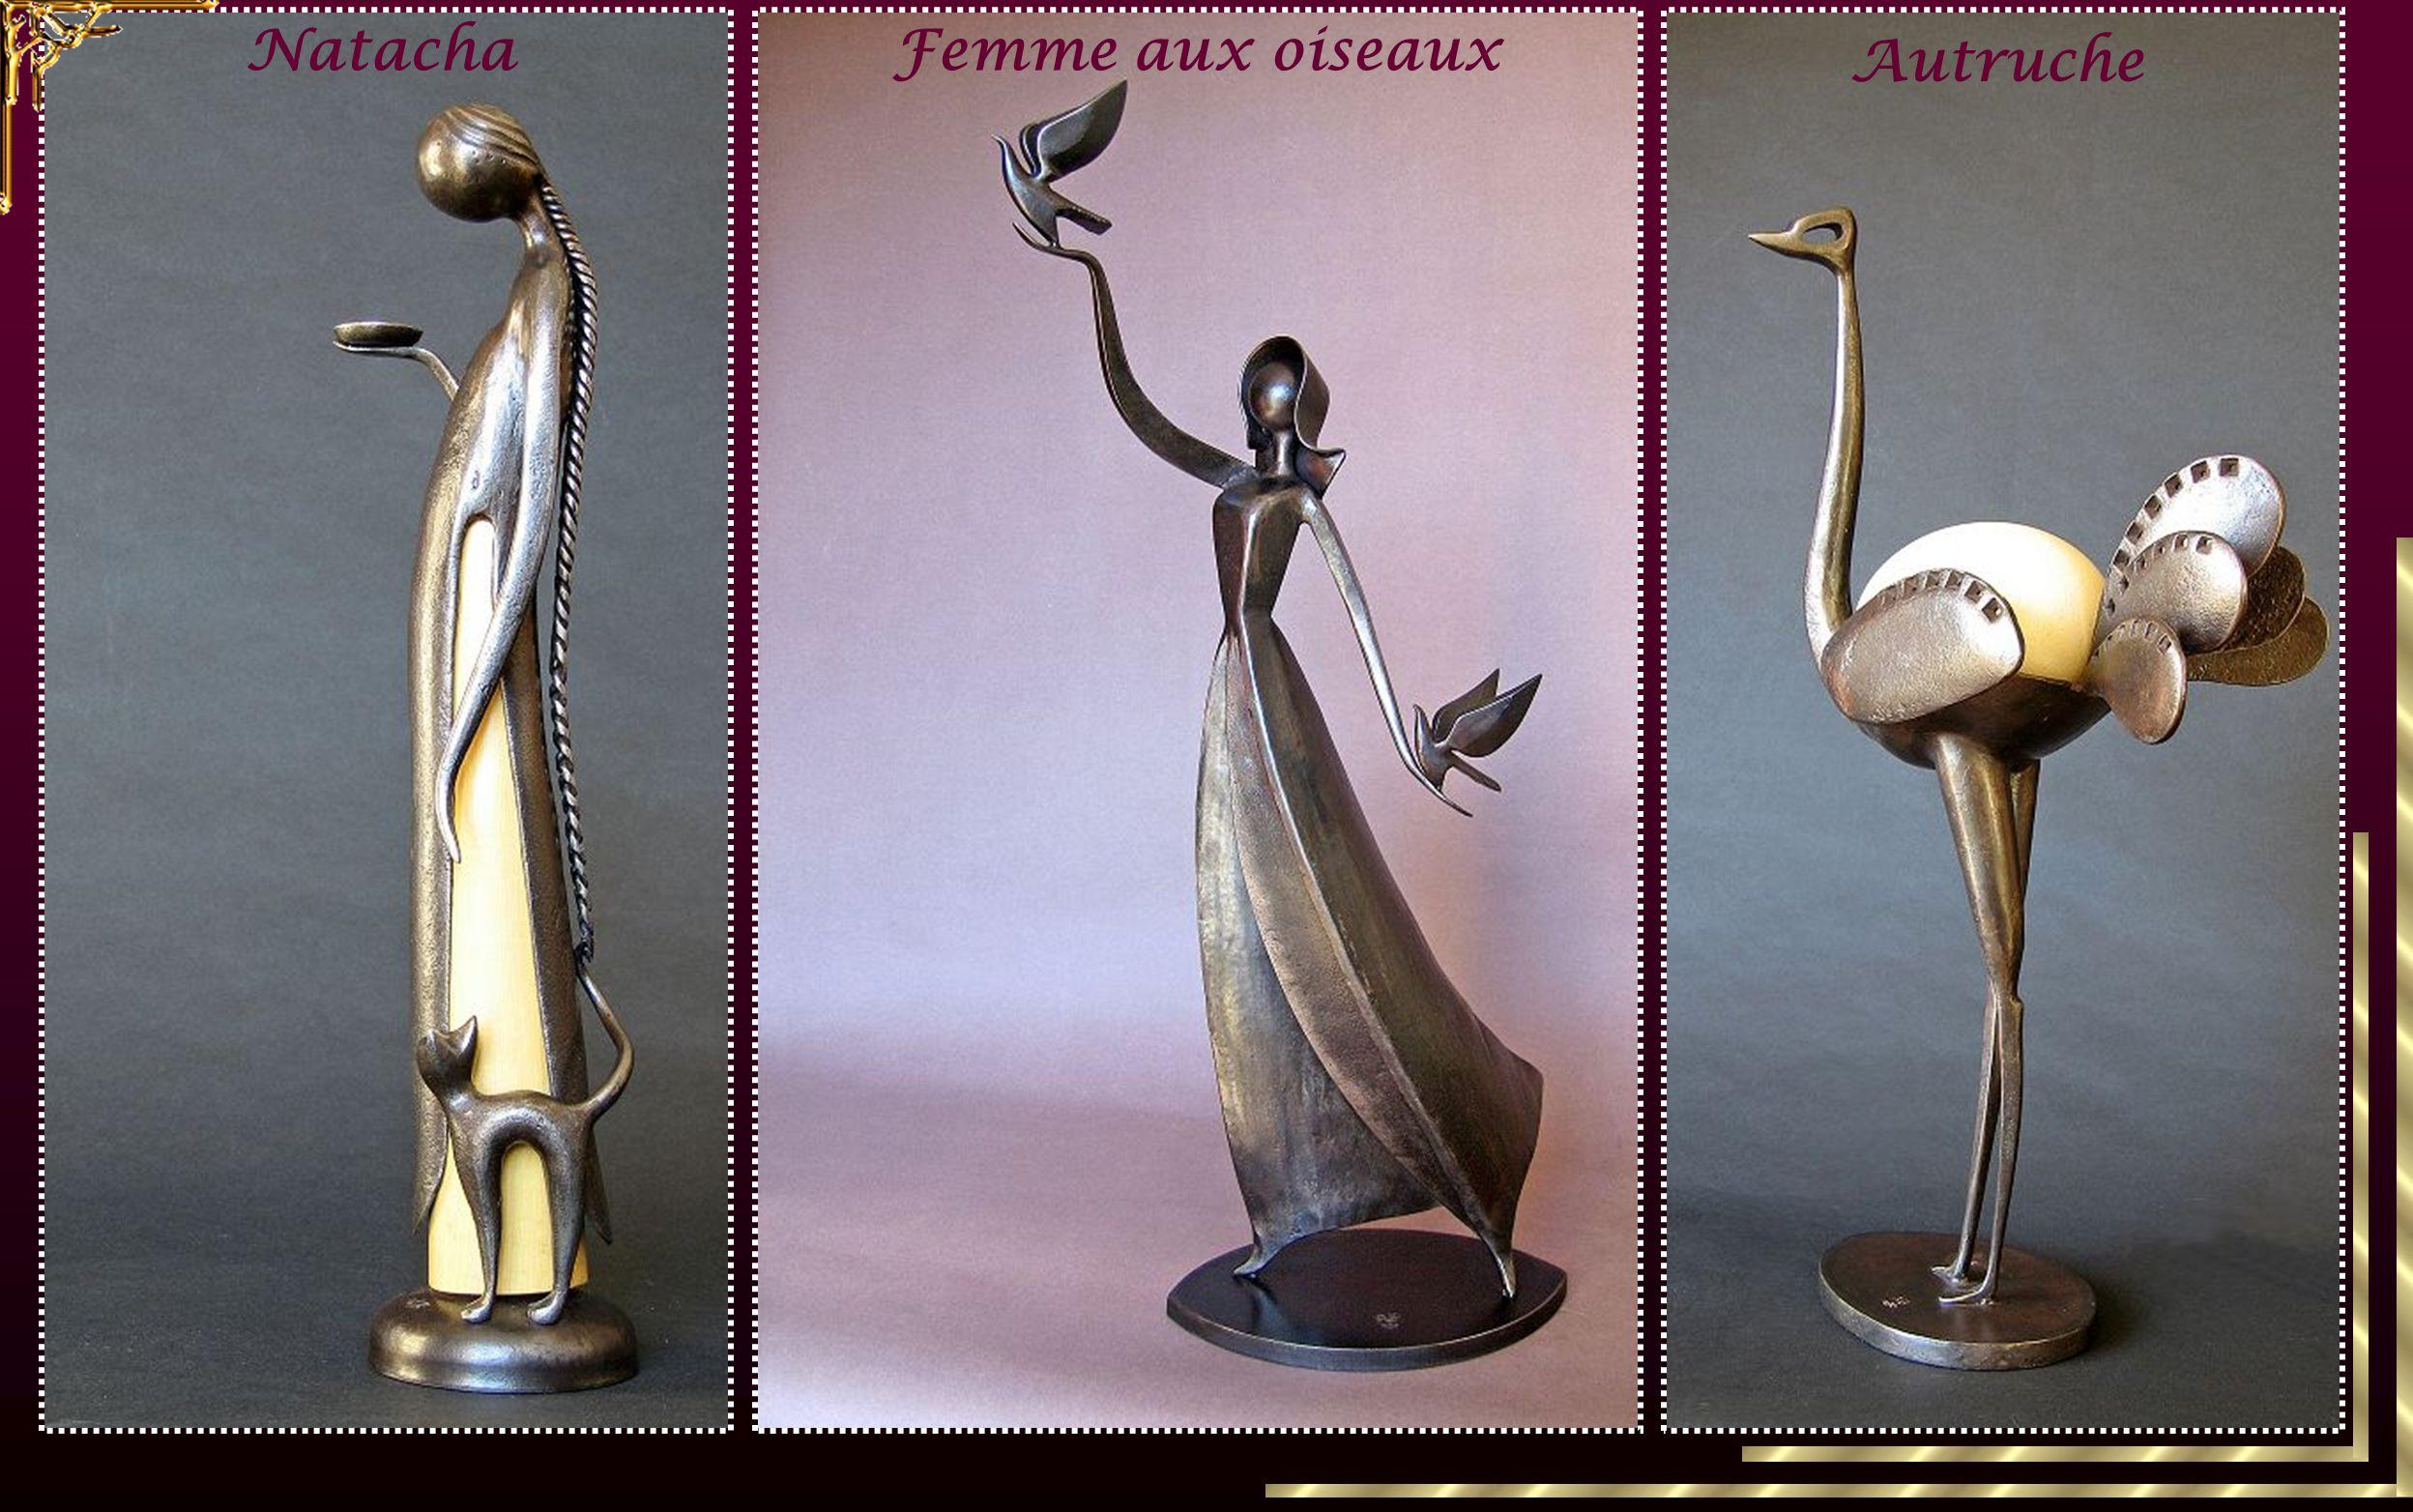 Natacha Femme aux oiseaux Autruche